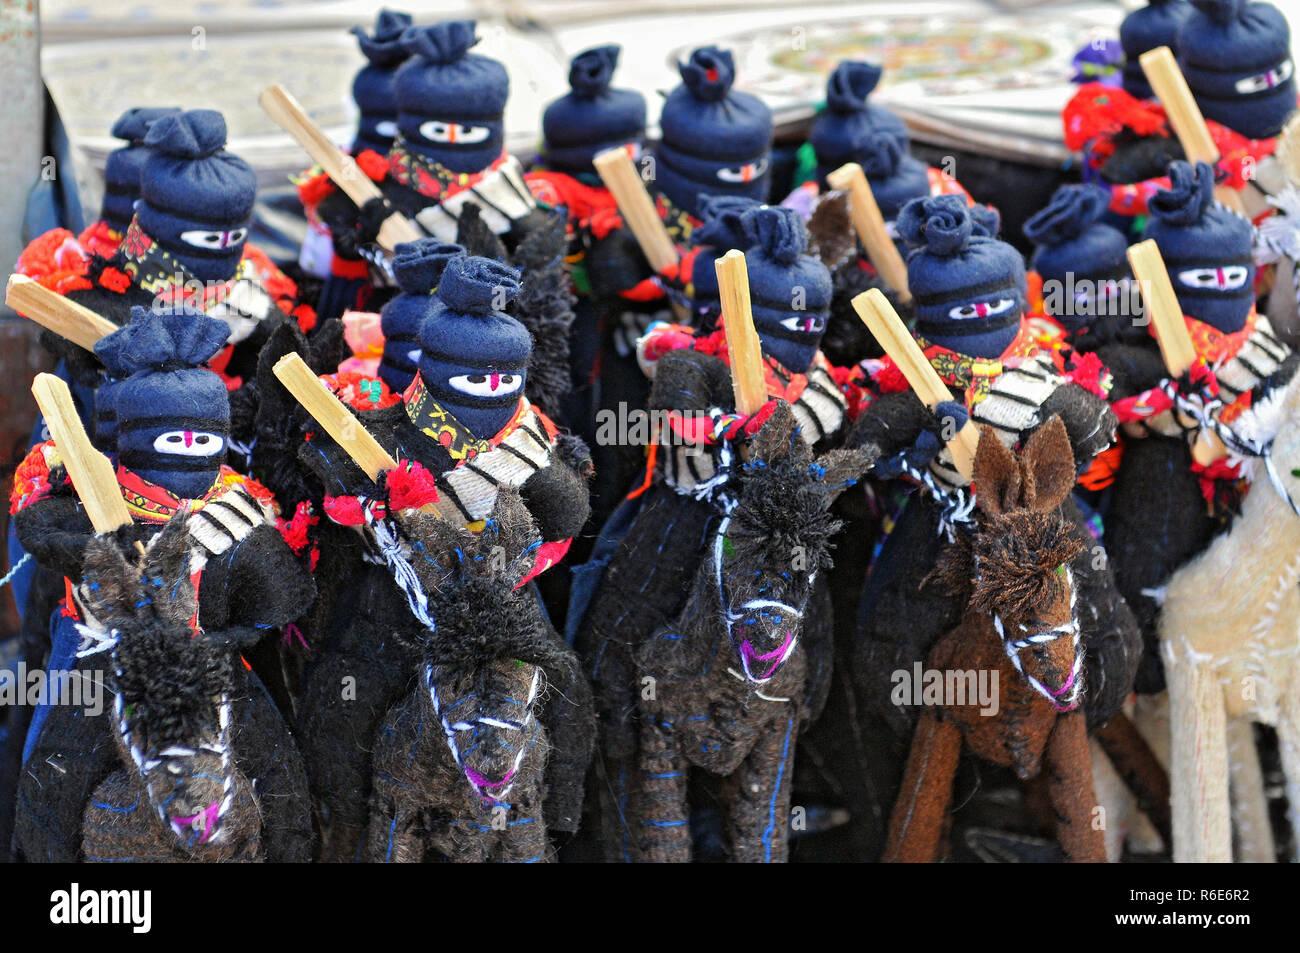 Zapatista Marcos Dolls For Sale In San Cristobal De Las Casas, Chiapas, Mexico - Stock Image